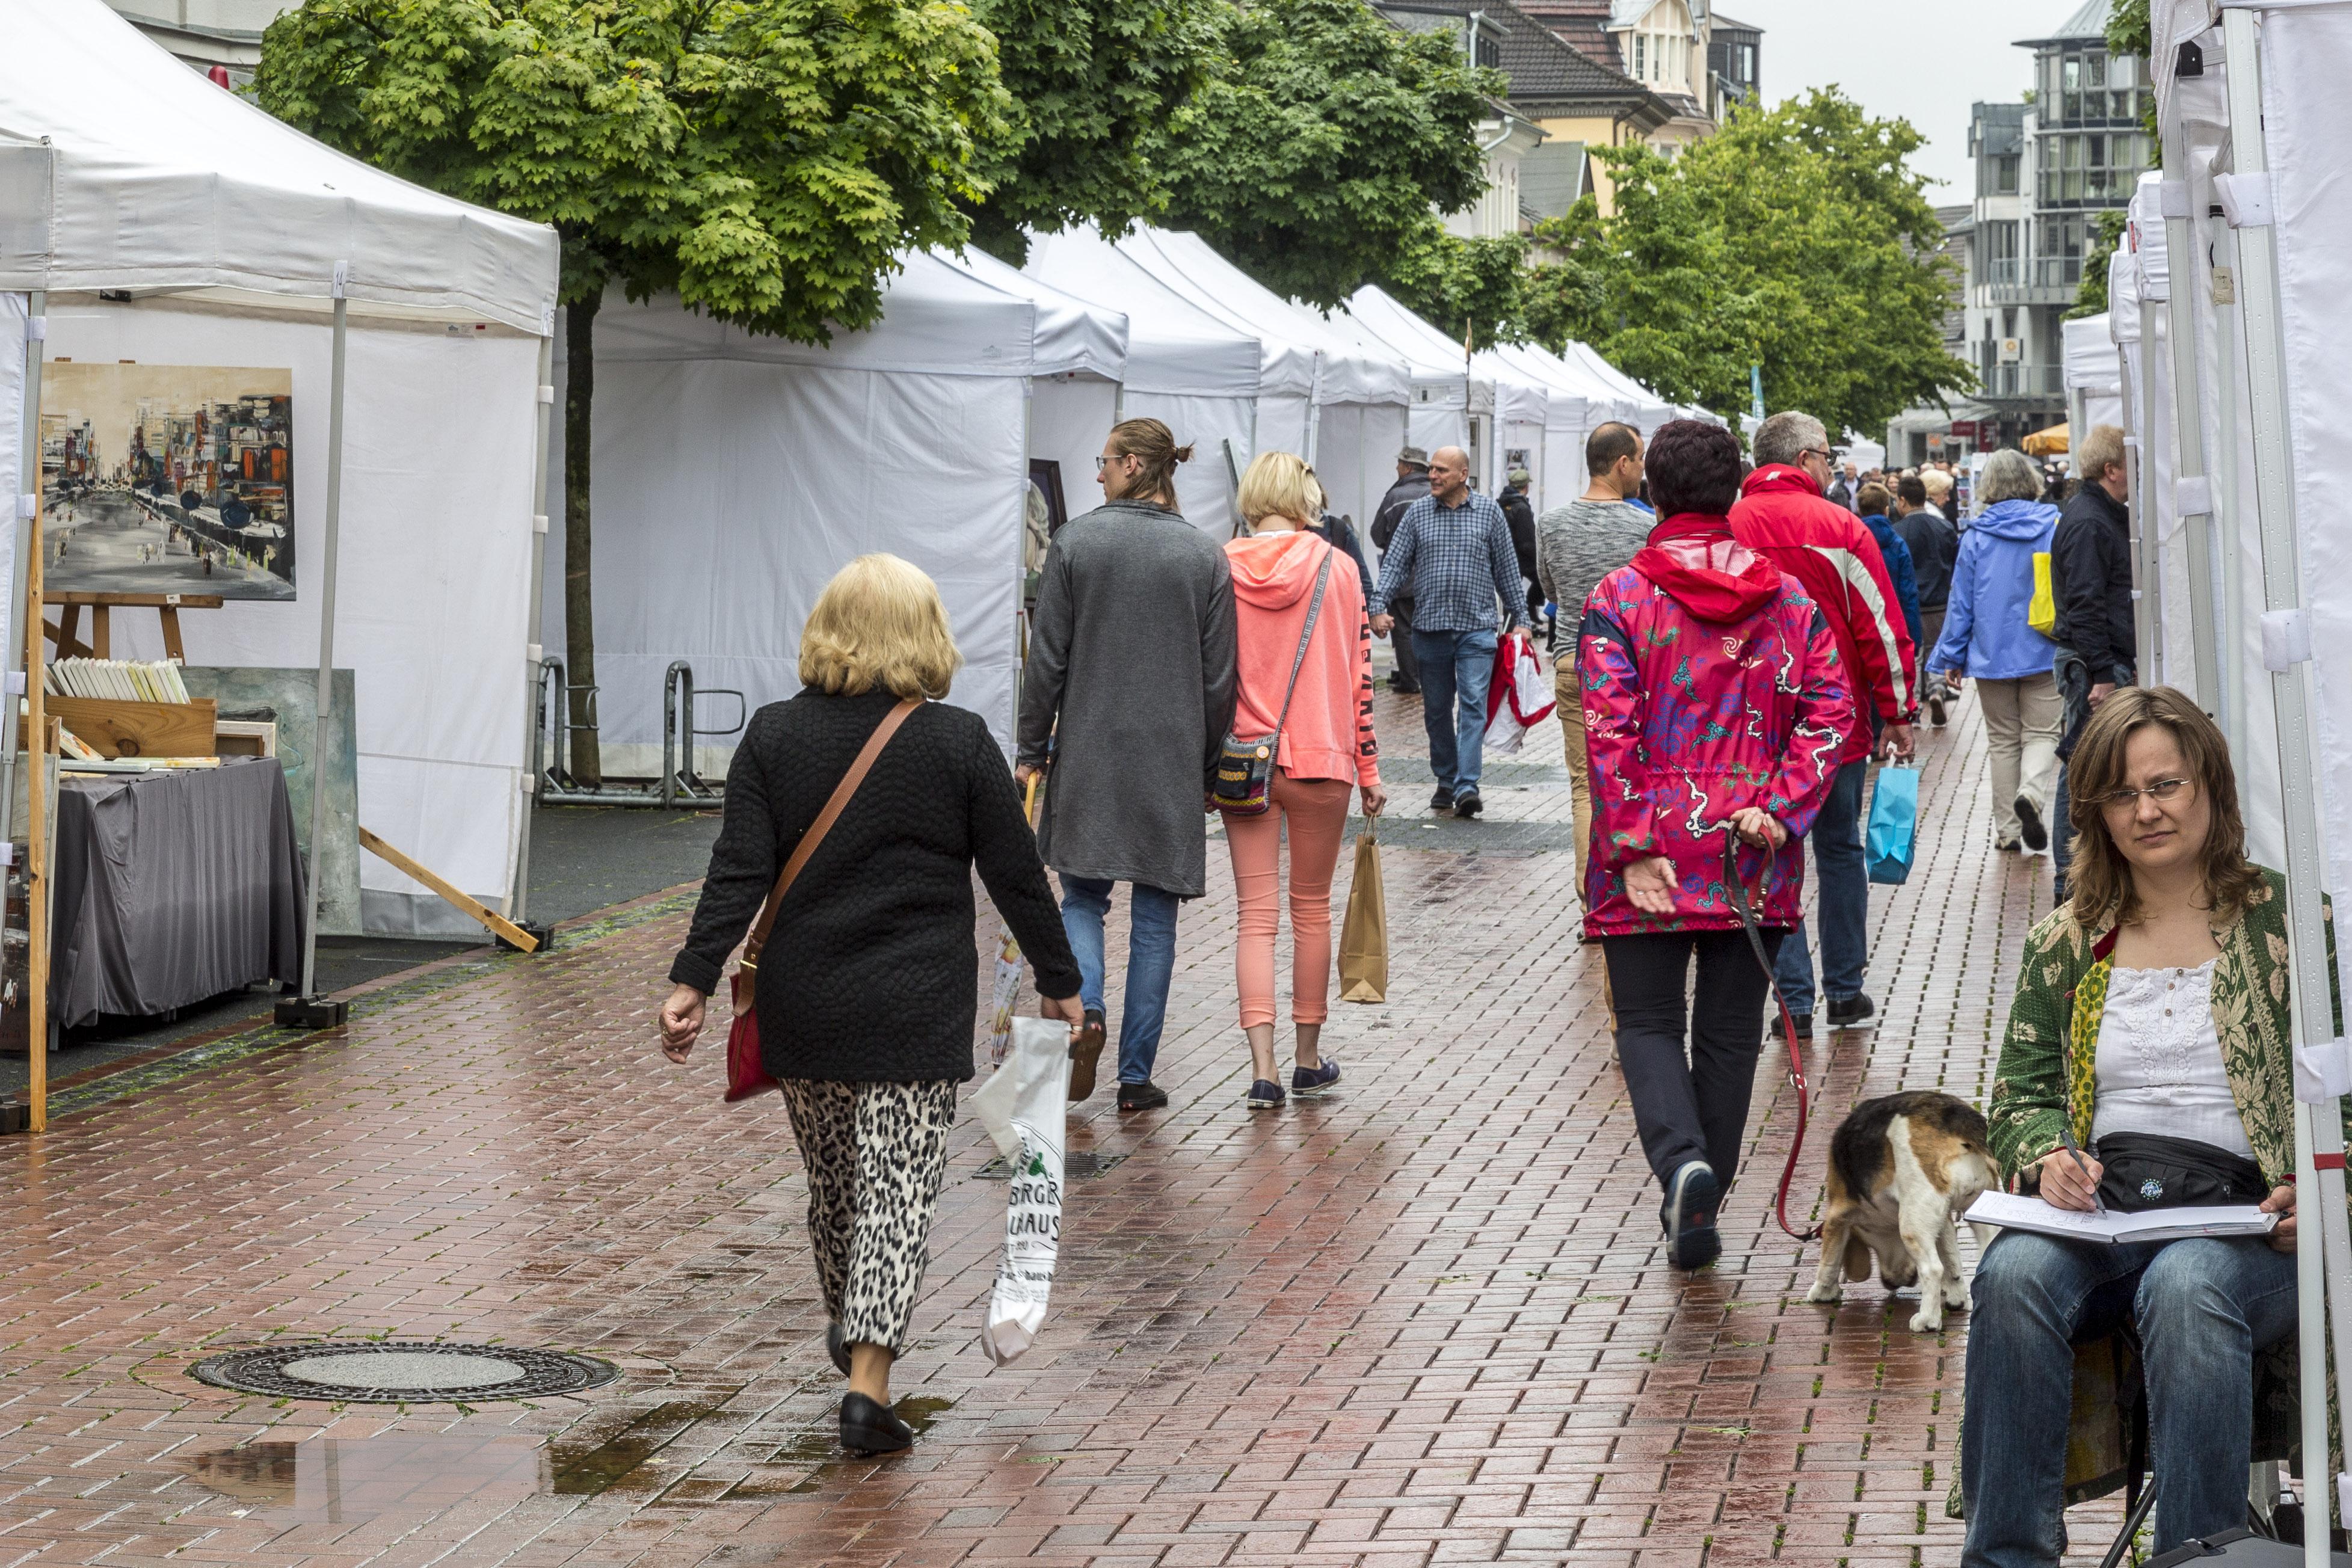 kuenstlermarkt-2016-001